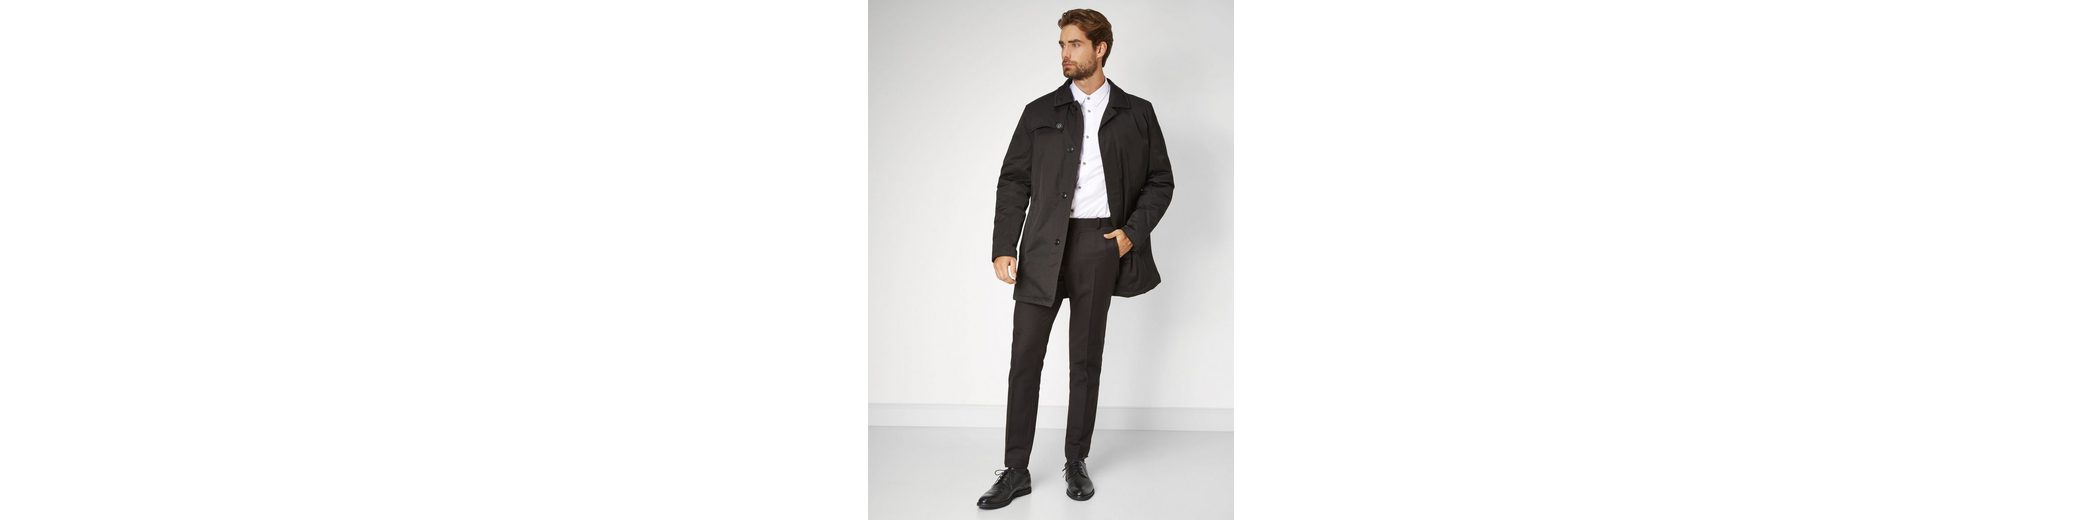 Rabatt Mit Kreditkarte S4 Jackets eleganter wasserabweisender Mantel INTERVIEW 2 Neuankömmling Spielraum Store BLxjs5n4